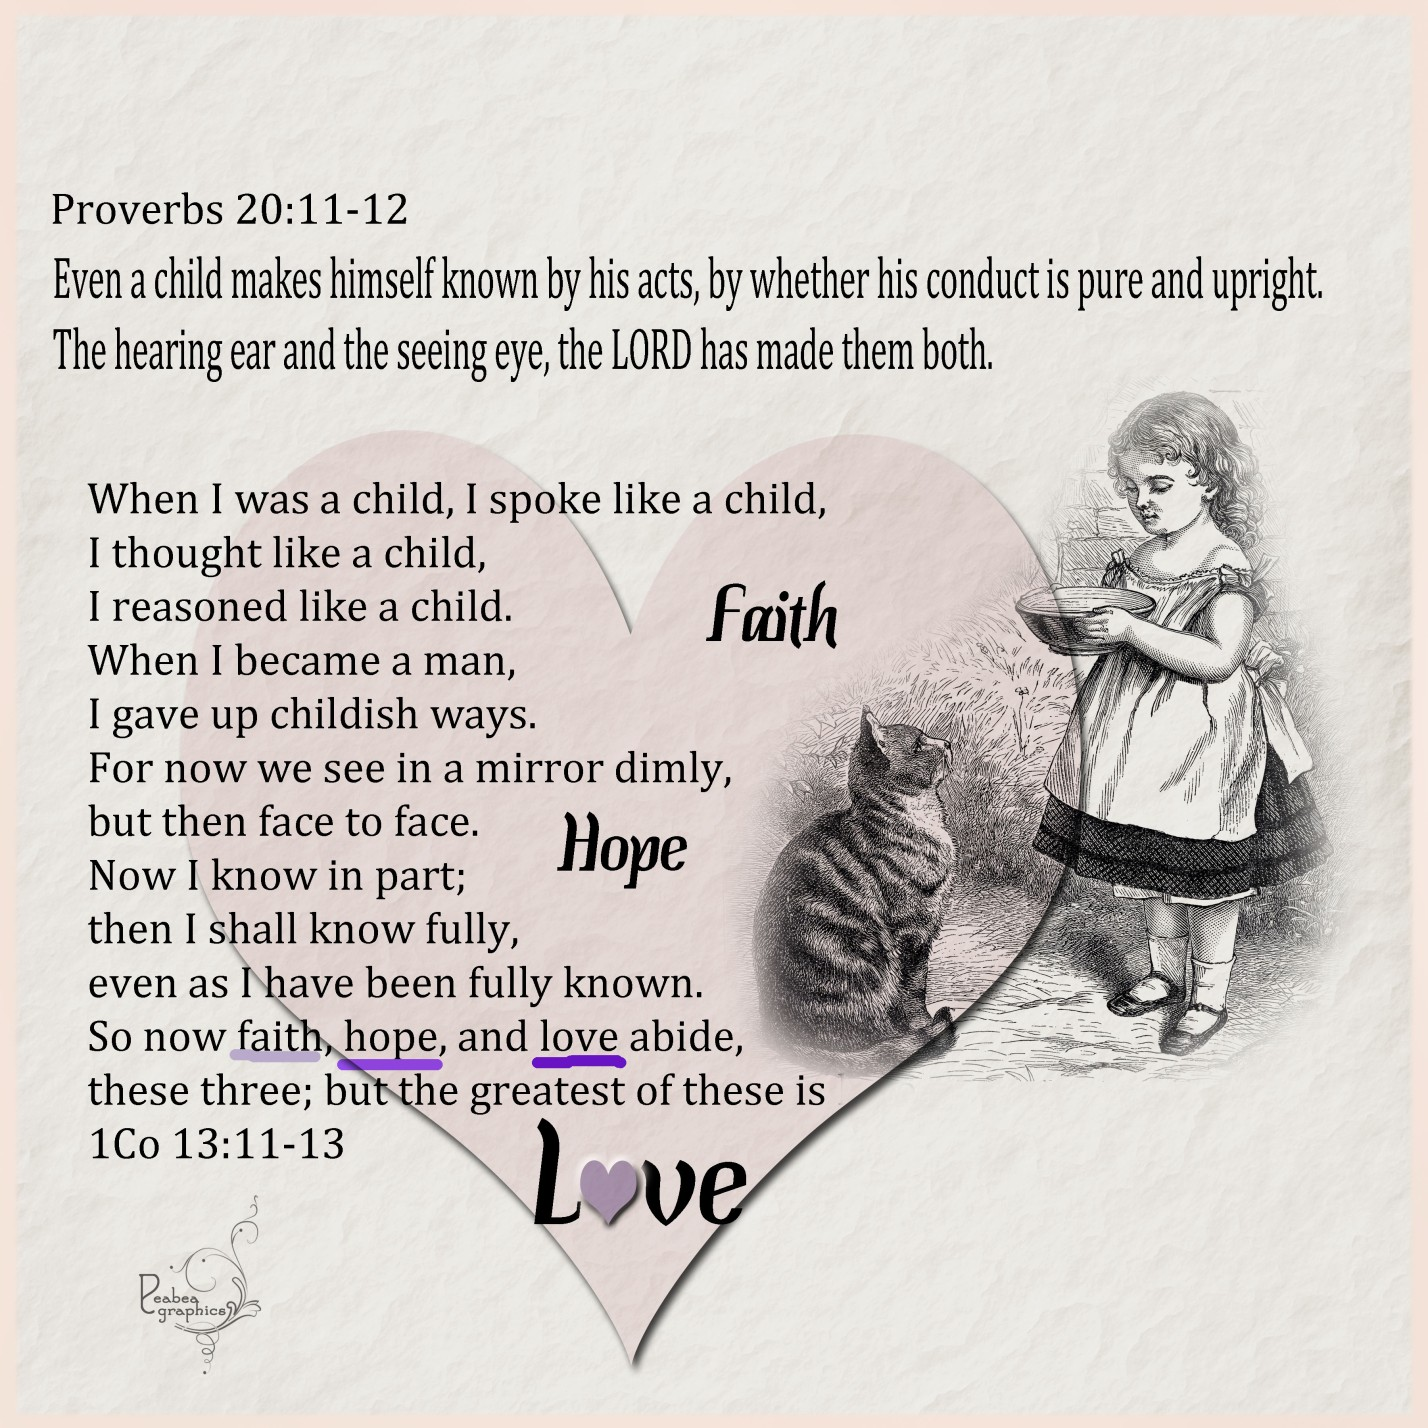 Proverbs 20 11-12